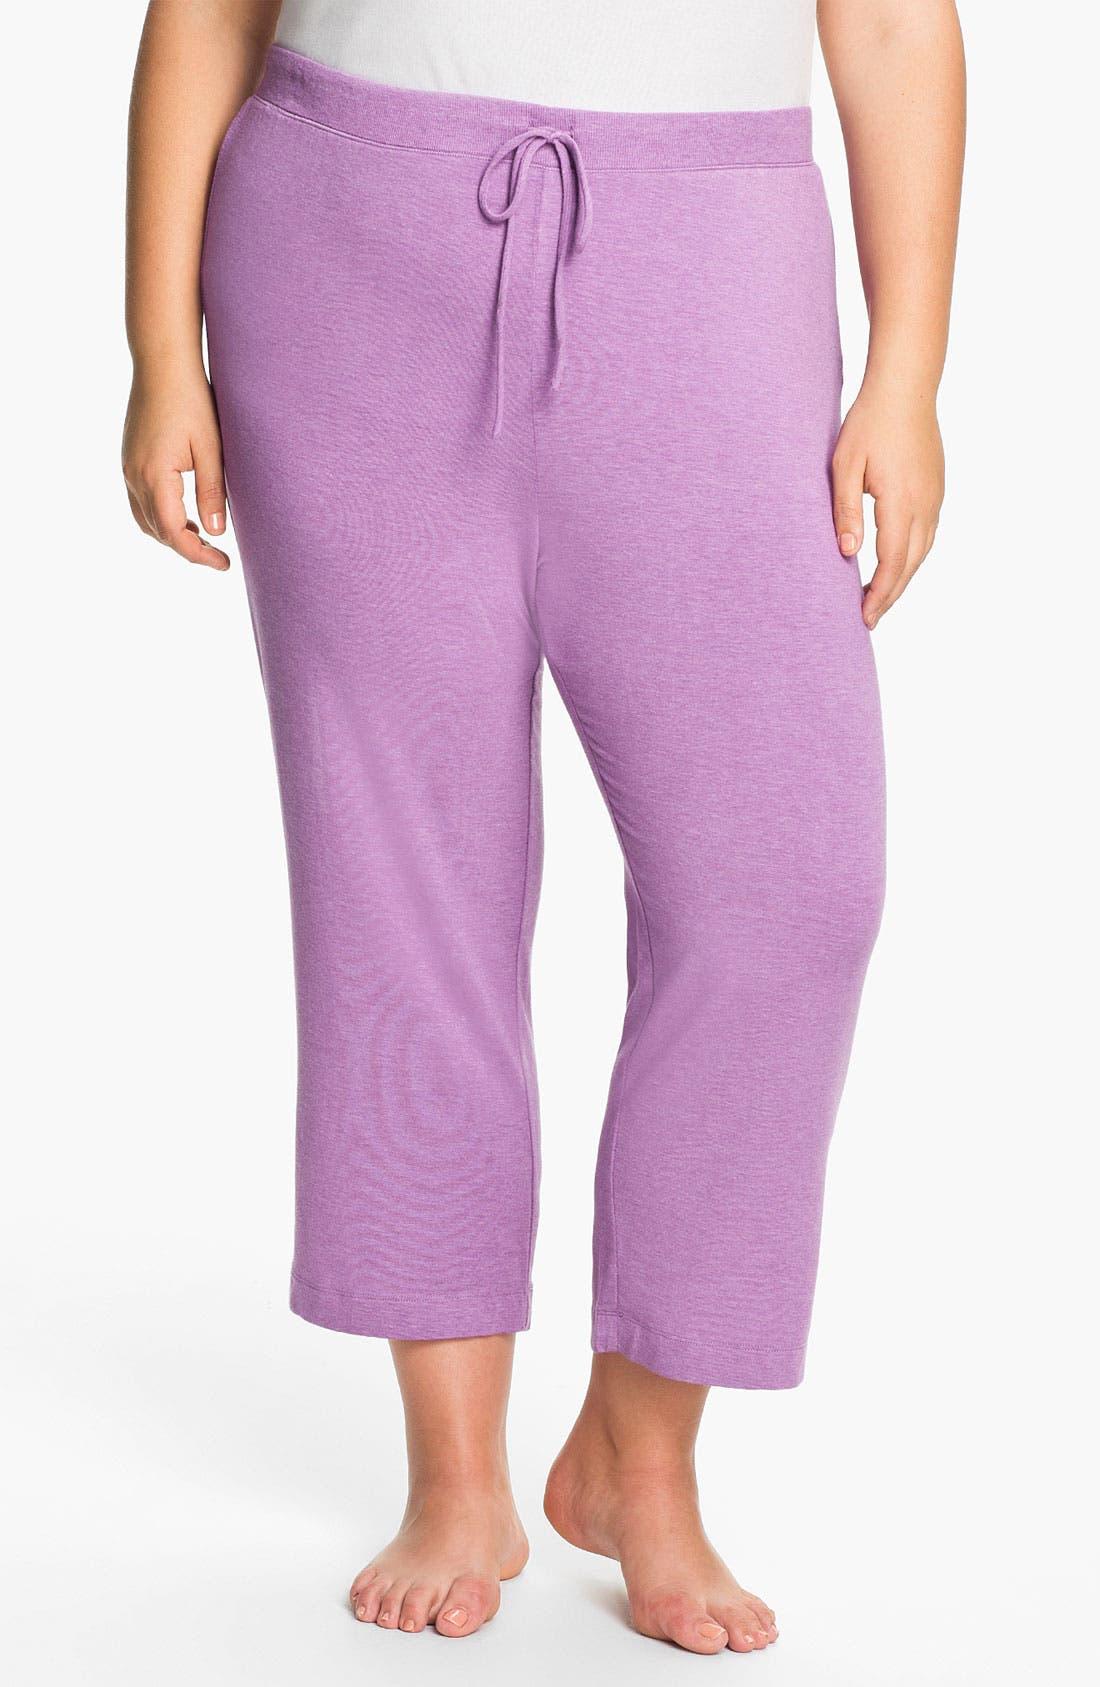 Main Image - DKNY '7 Easy Pieces' Capri Pants (Plus Size)